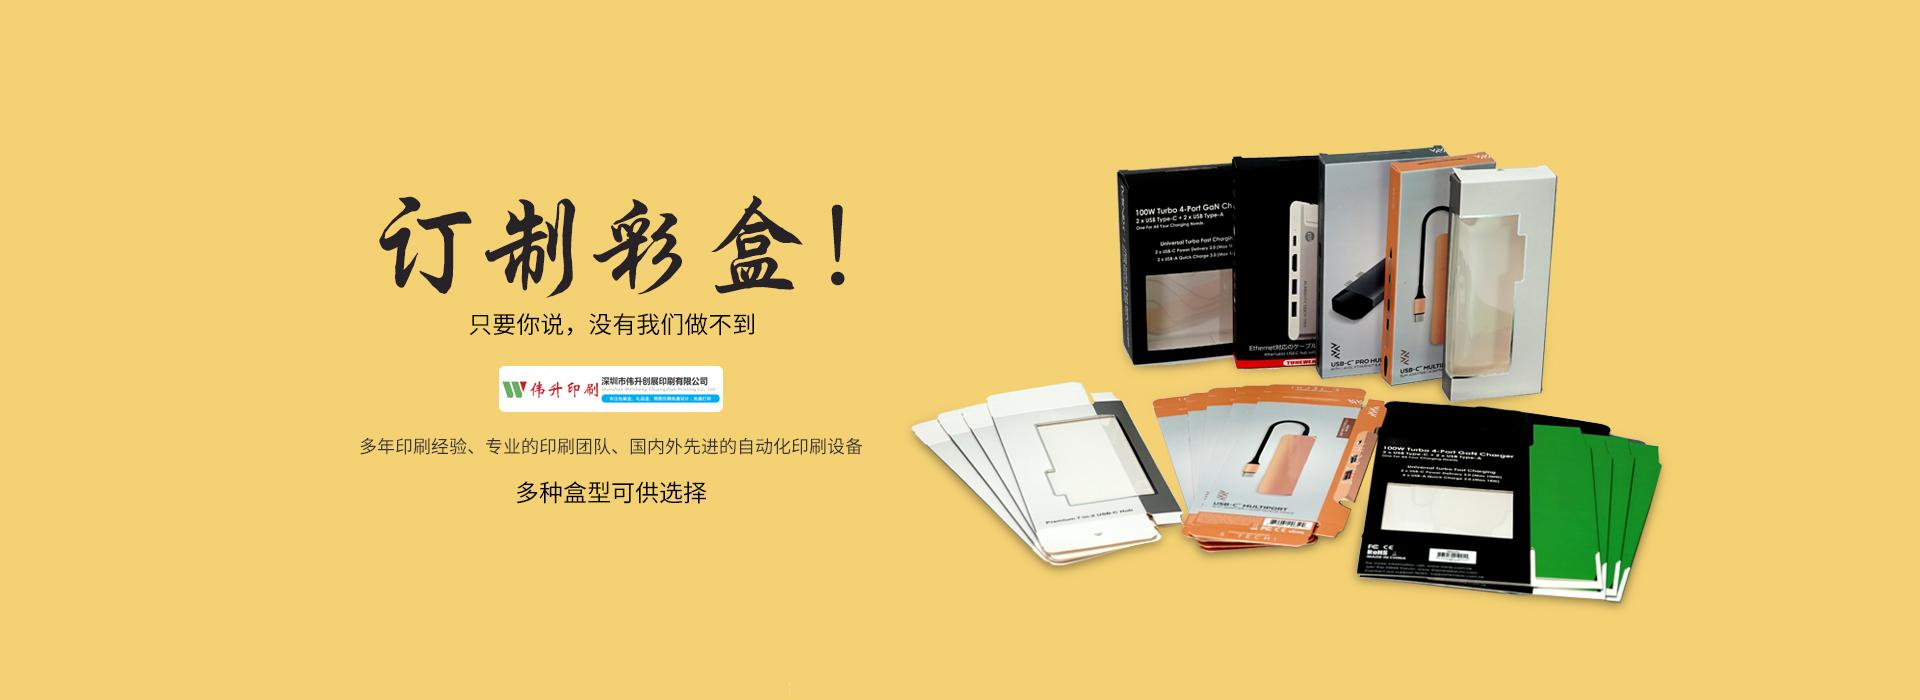 彩盒印刷,彩盒包装厂家,精美画册印刷